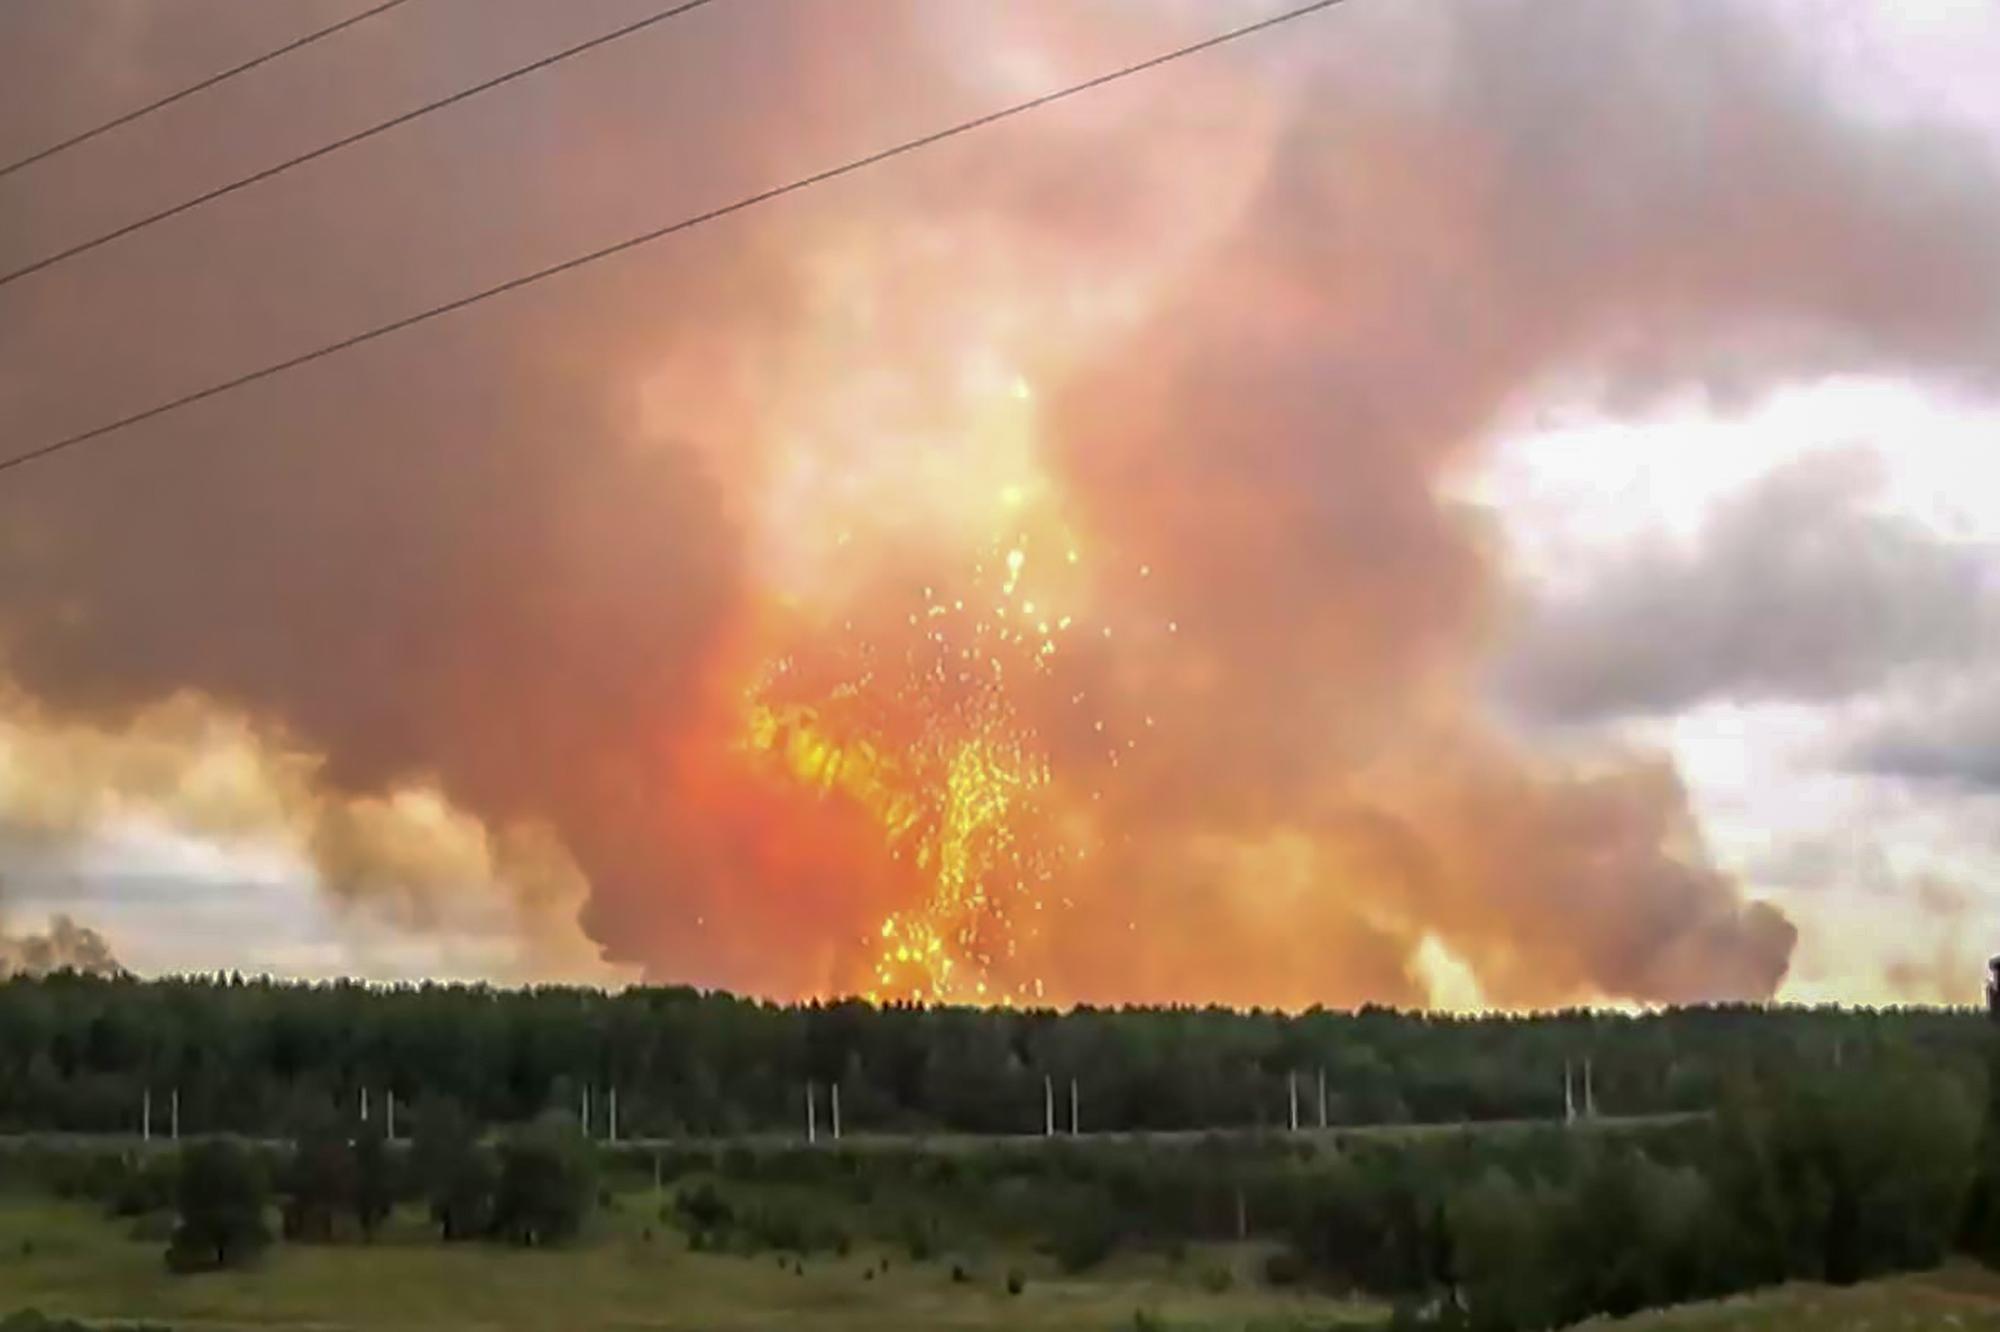 俄羅斯軍火庫連環大爆炸 6000人緊急撤離